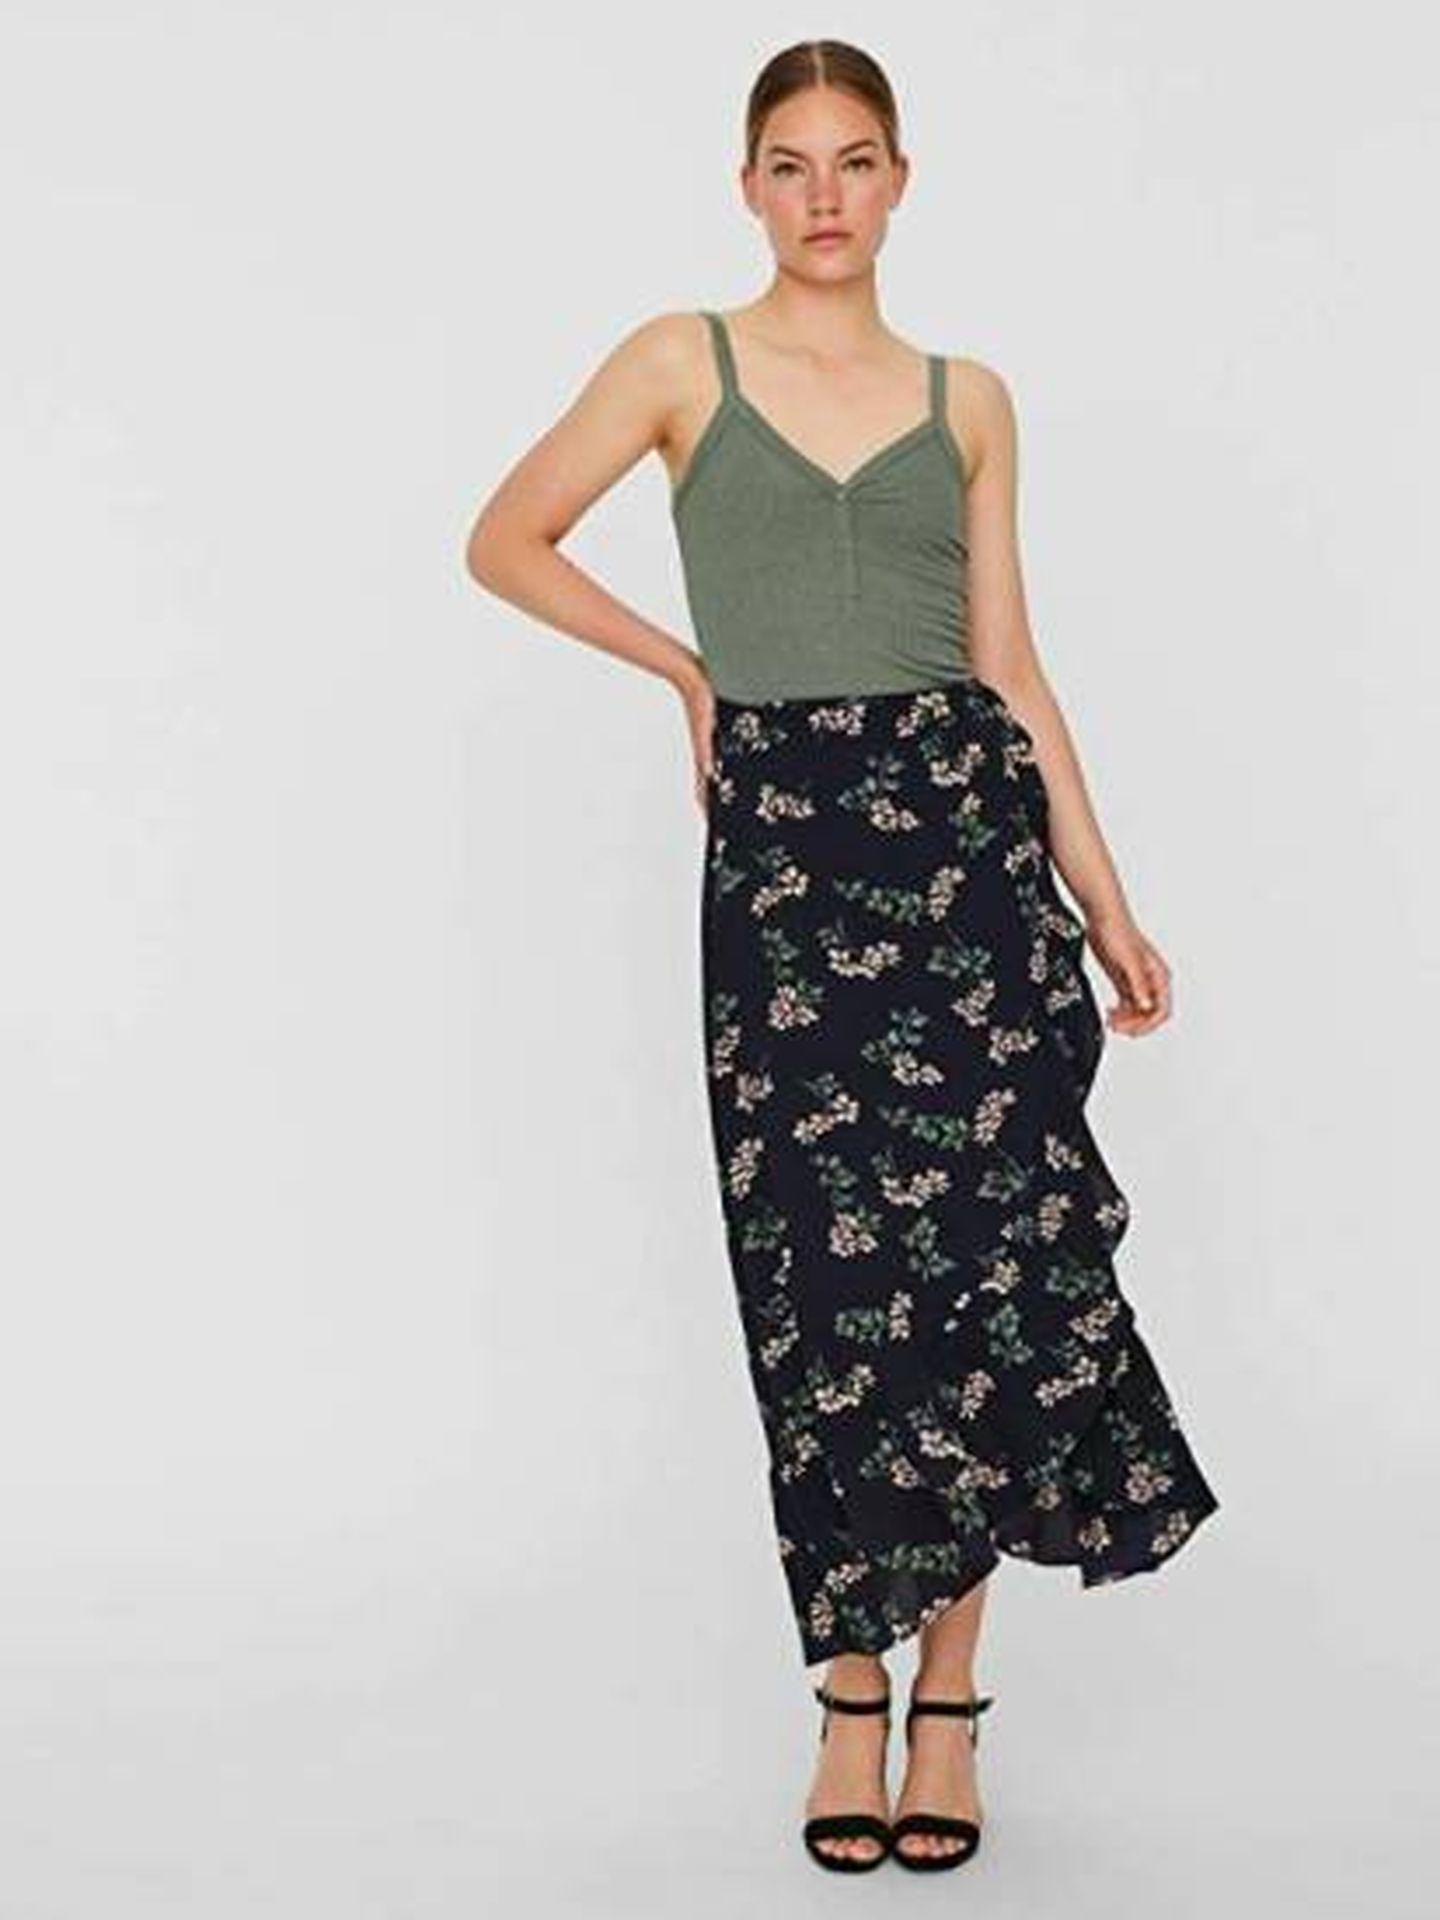 Falda de Vero Moda. (Cortesía)